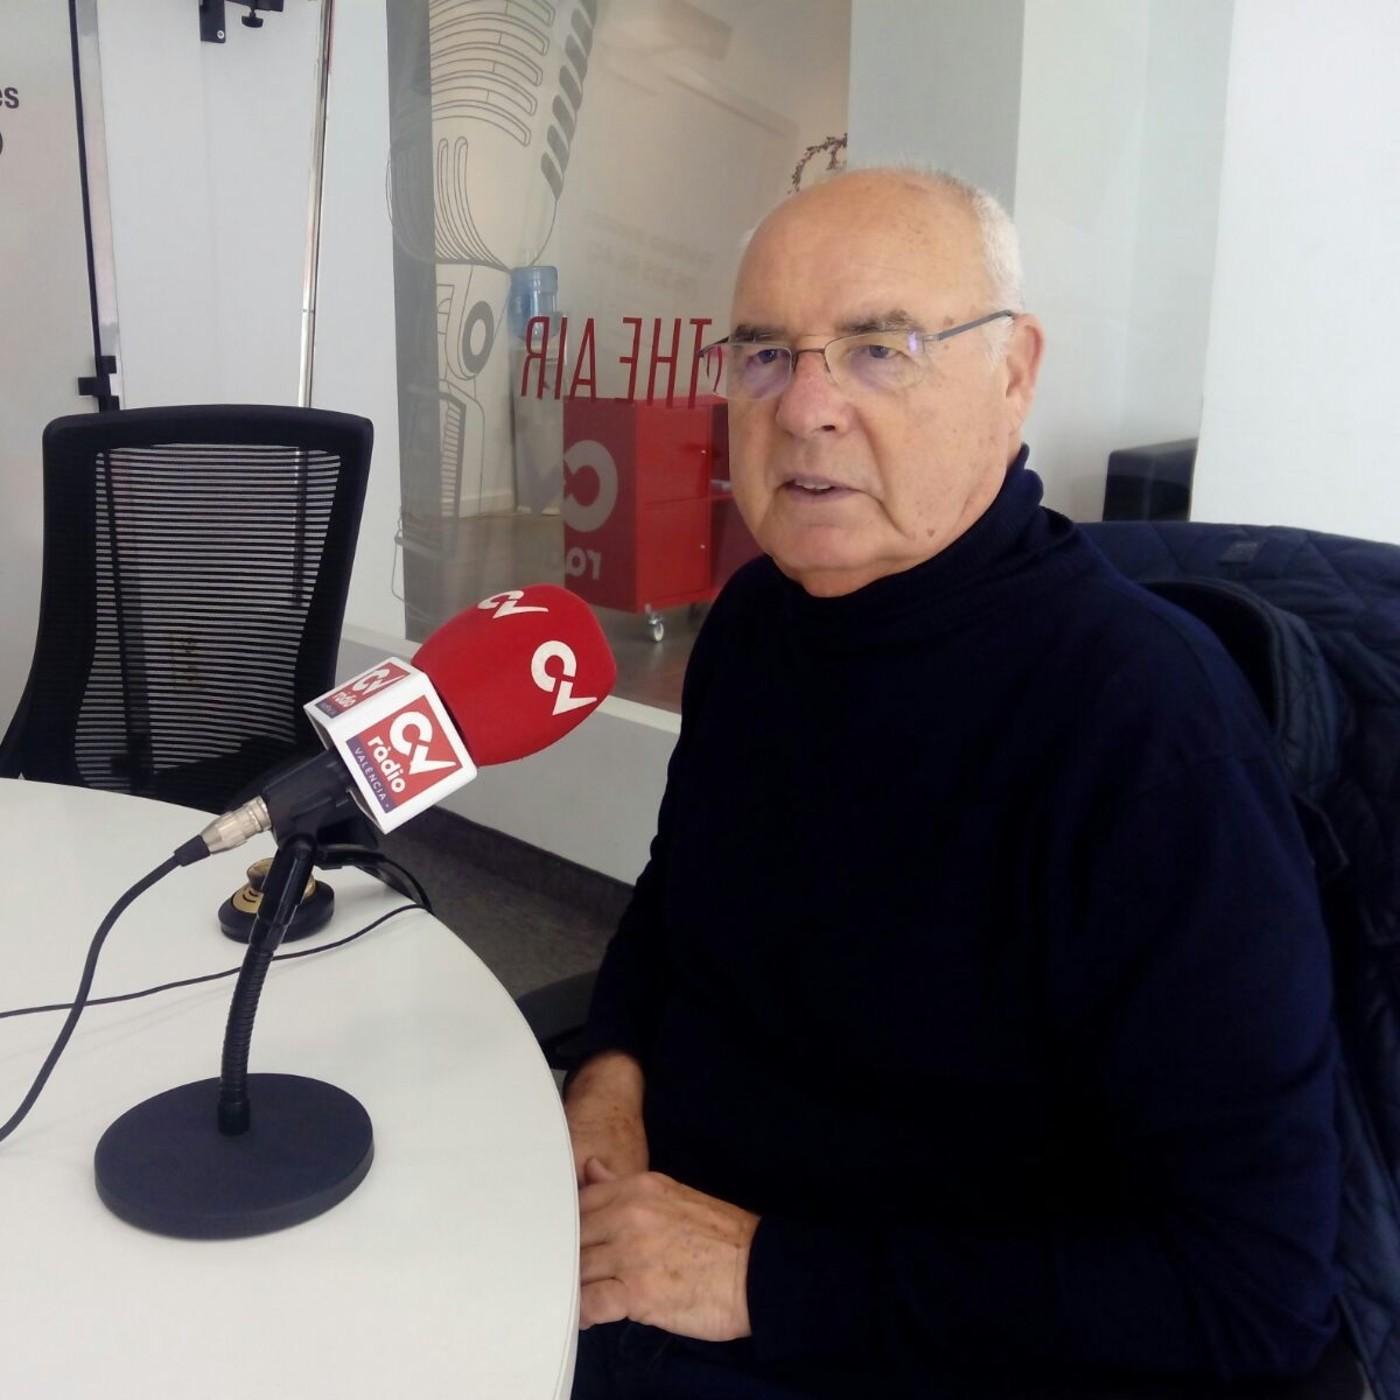 El experto en tradiciones, Baltasar Bueno, habla del 600 aniversario del fin del cisma de Occidente